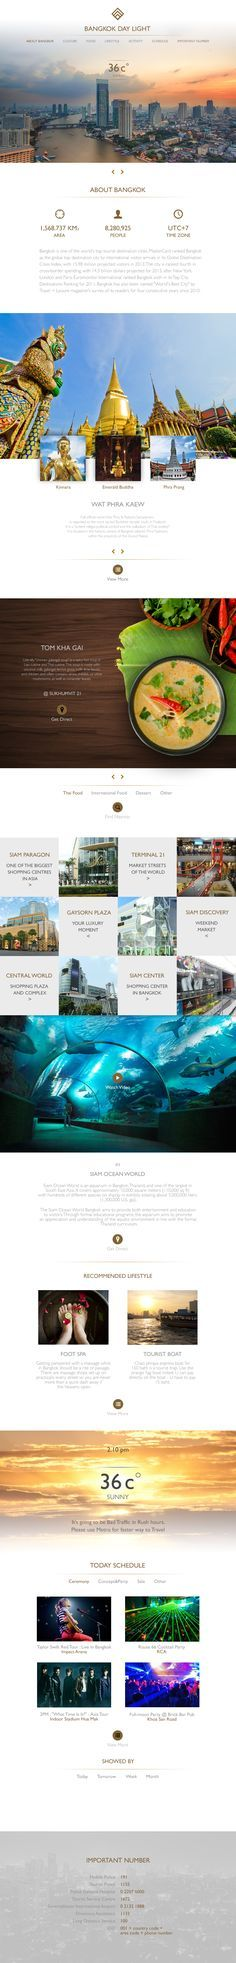 Unique Web Design, Bangkok Day Light #WebDesign #Design